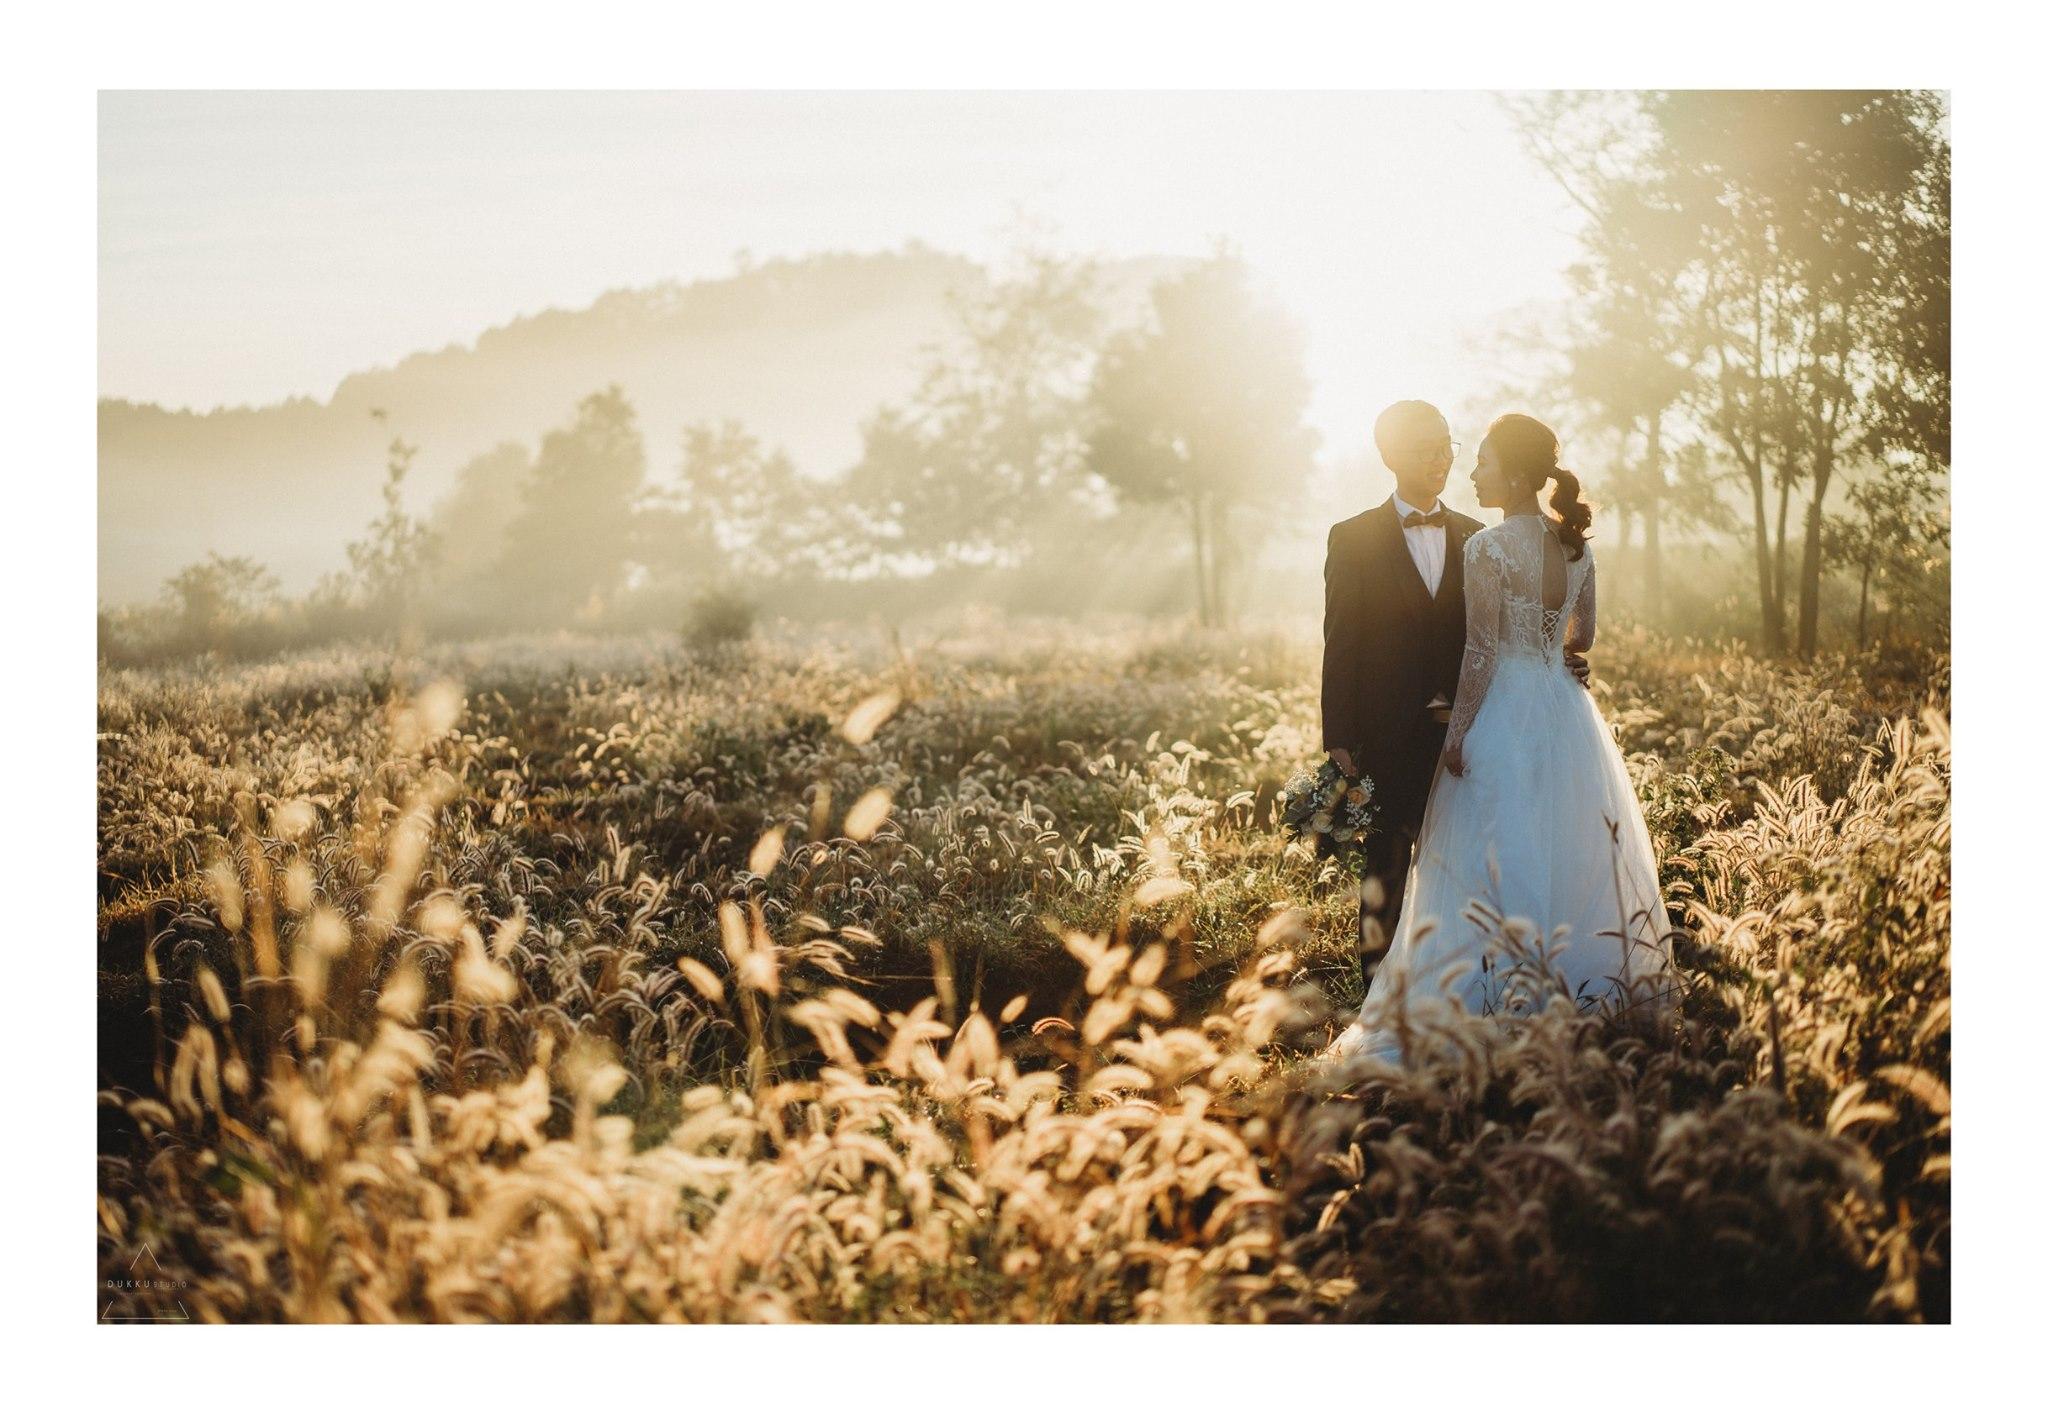 Xếp hạng 12 Studio chụp ảnh cưới đẹp nhất Gia Lai - DUKKU Studio